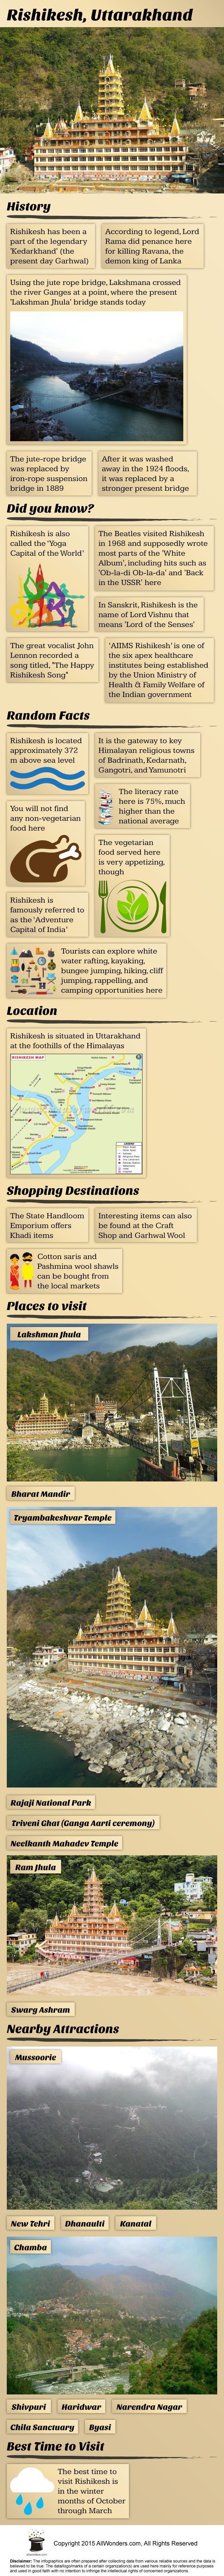 Rishikesh Travel Infographic